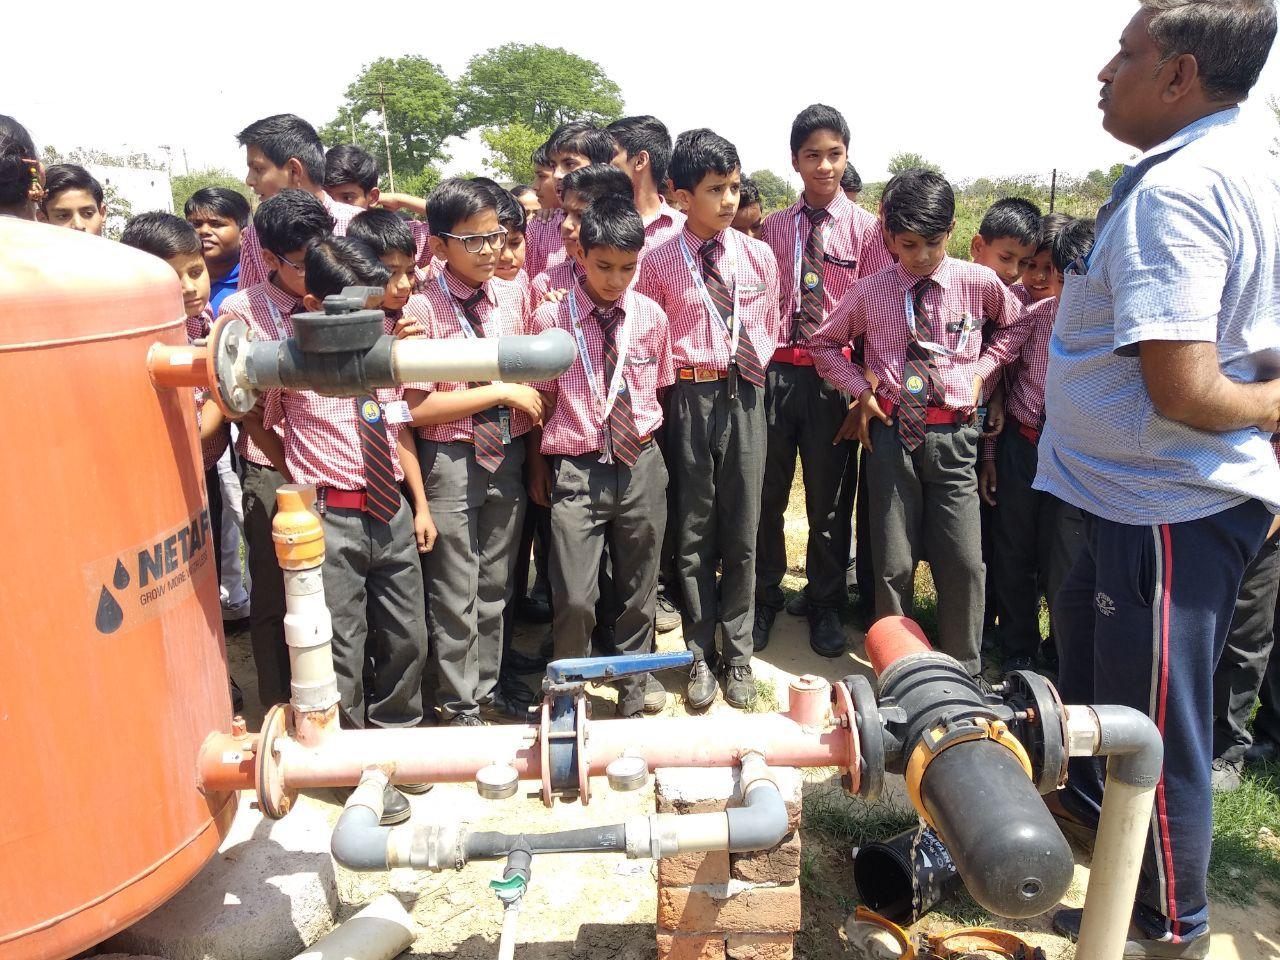 विद्यासागर इंटरनेशनल स्कूल के छात्रों ने ली नई तकनीकों की जानकारी